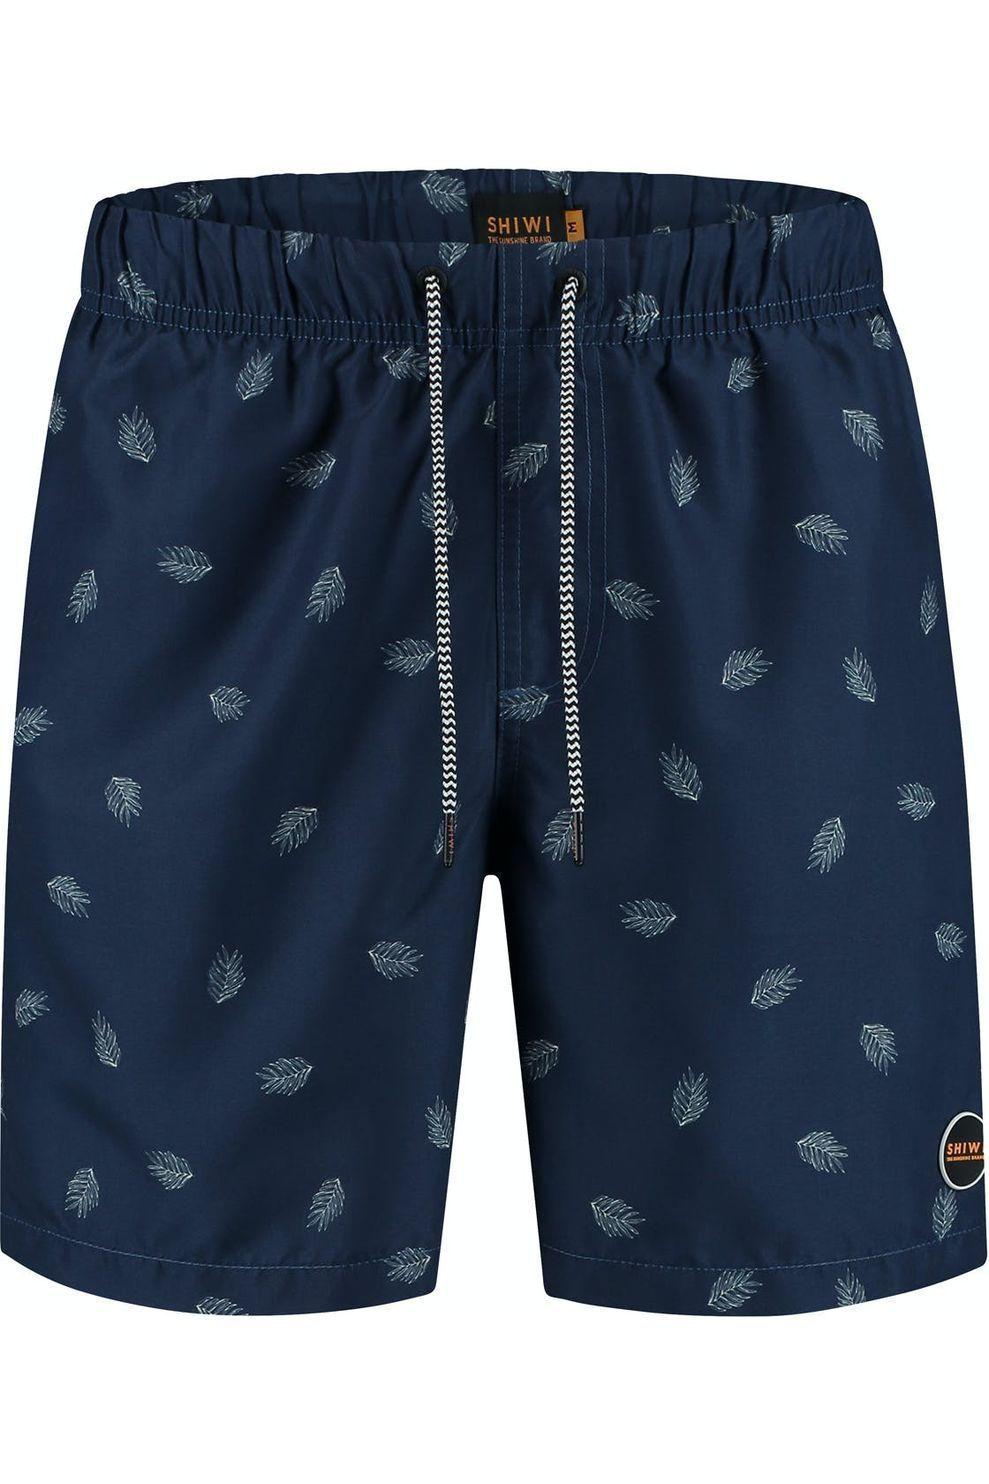 Shiwi Zwemshort Mod Leaf voor heren - Blauw - Maat: L